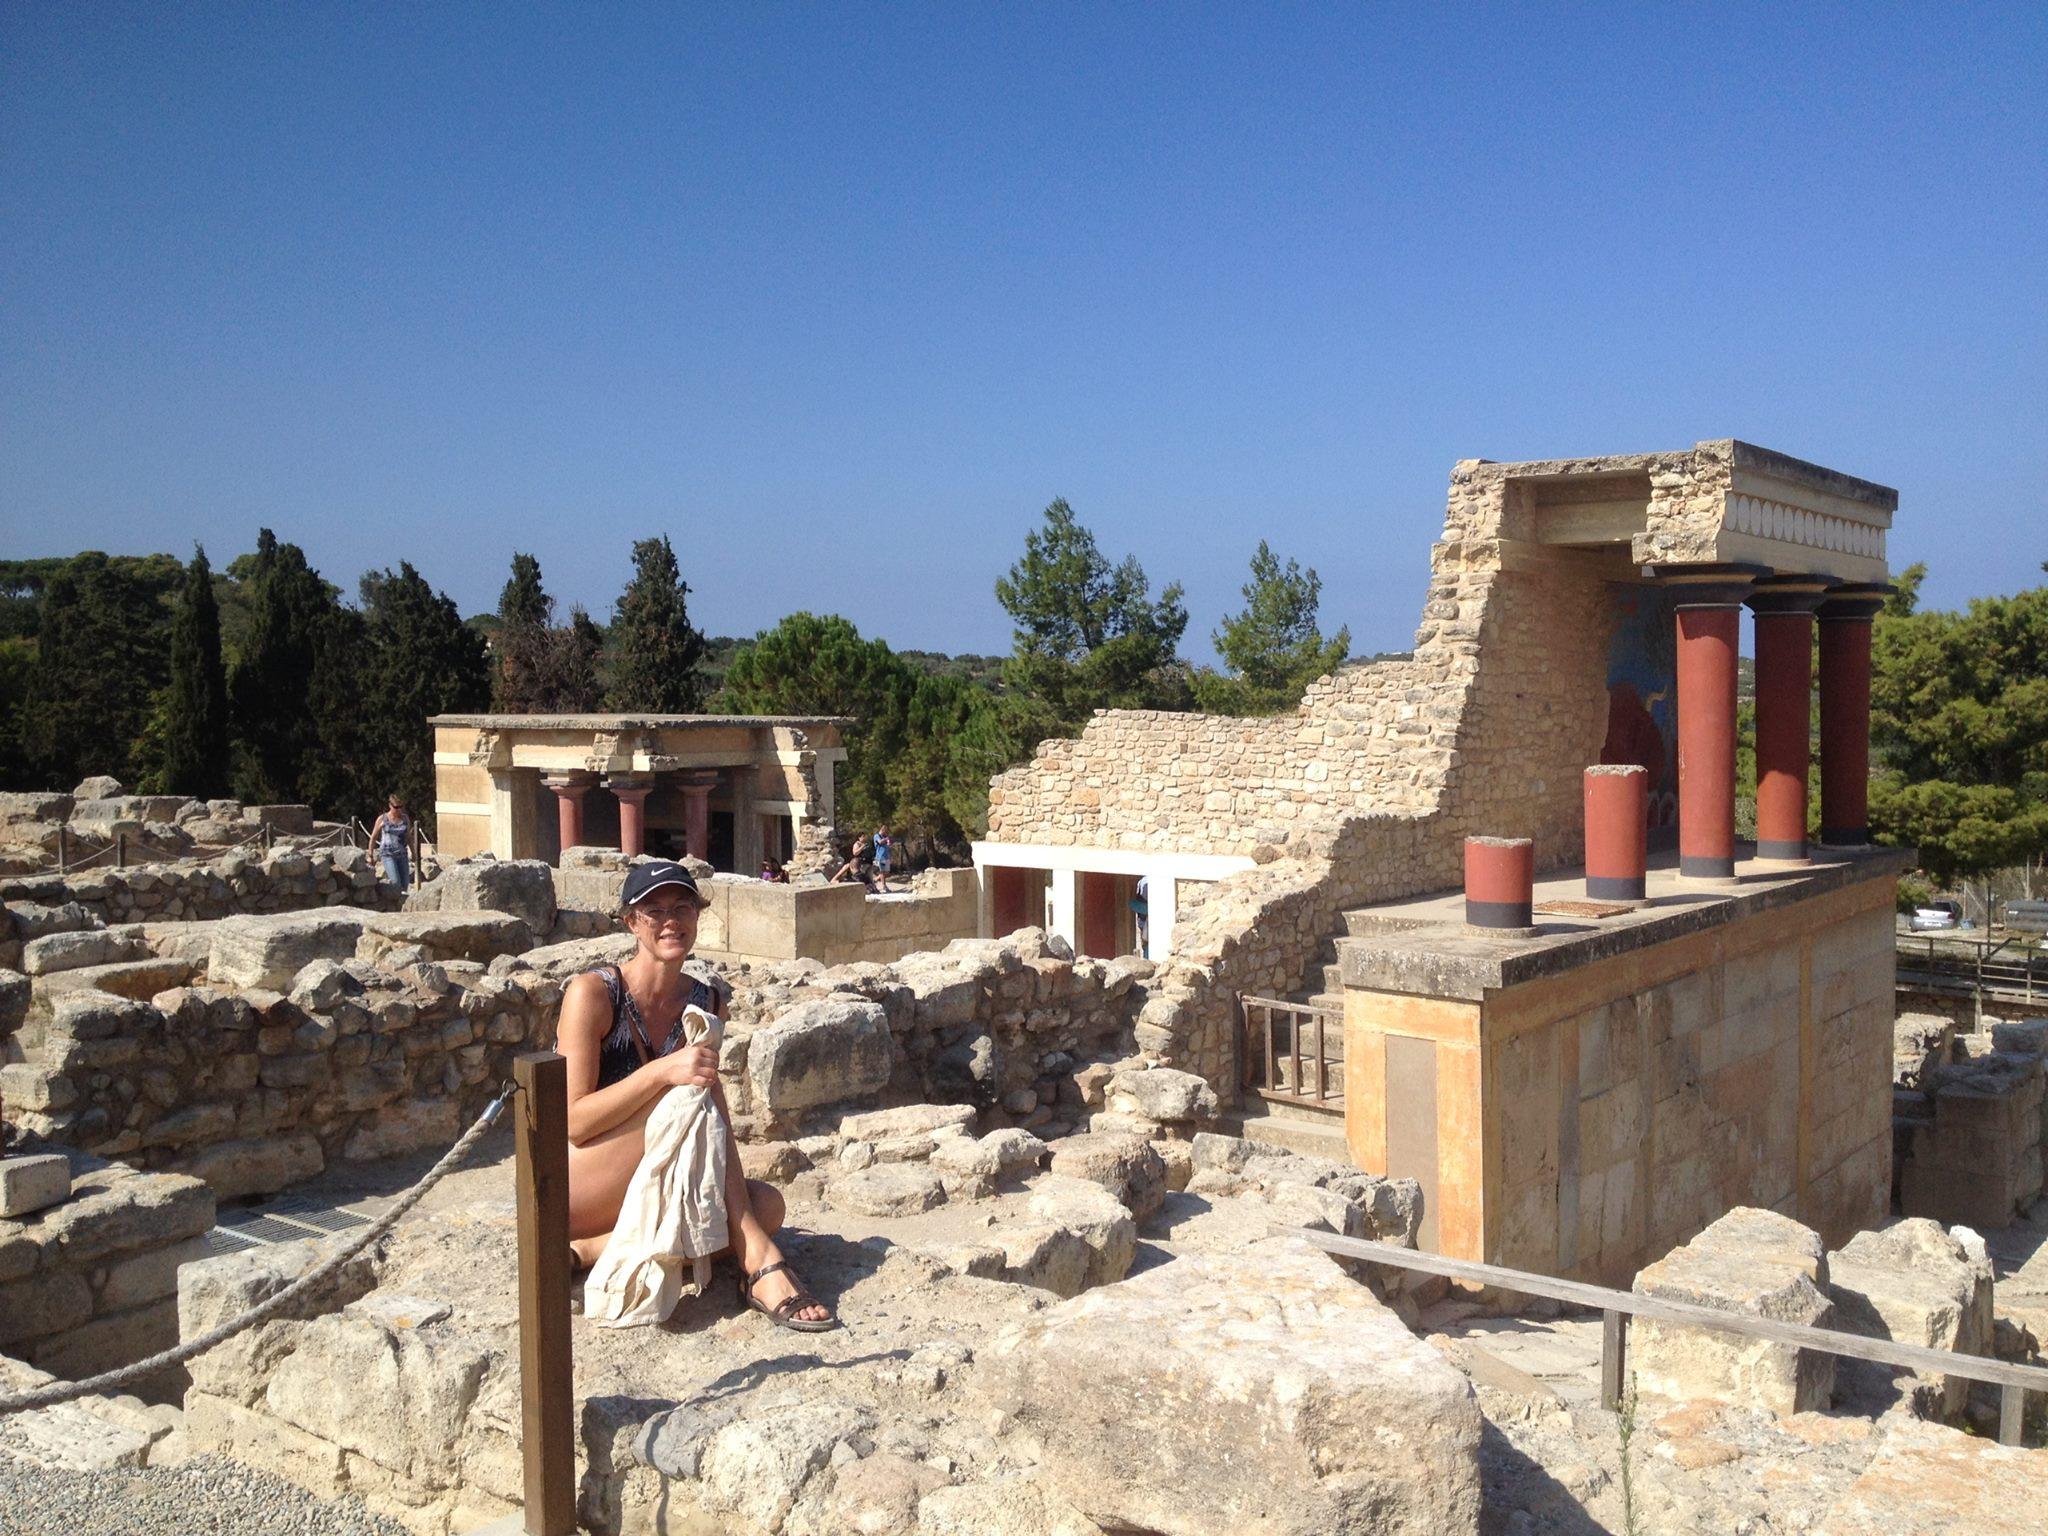 Forskare har inte lyckats förklara varför palatset i Knossos helt saknade försvarsmurar.